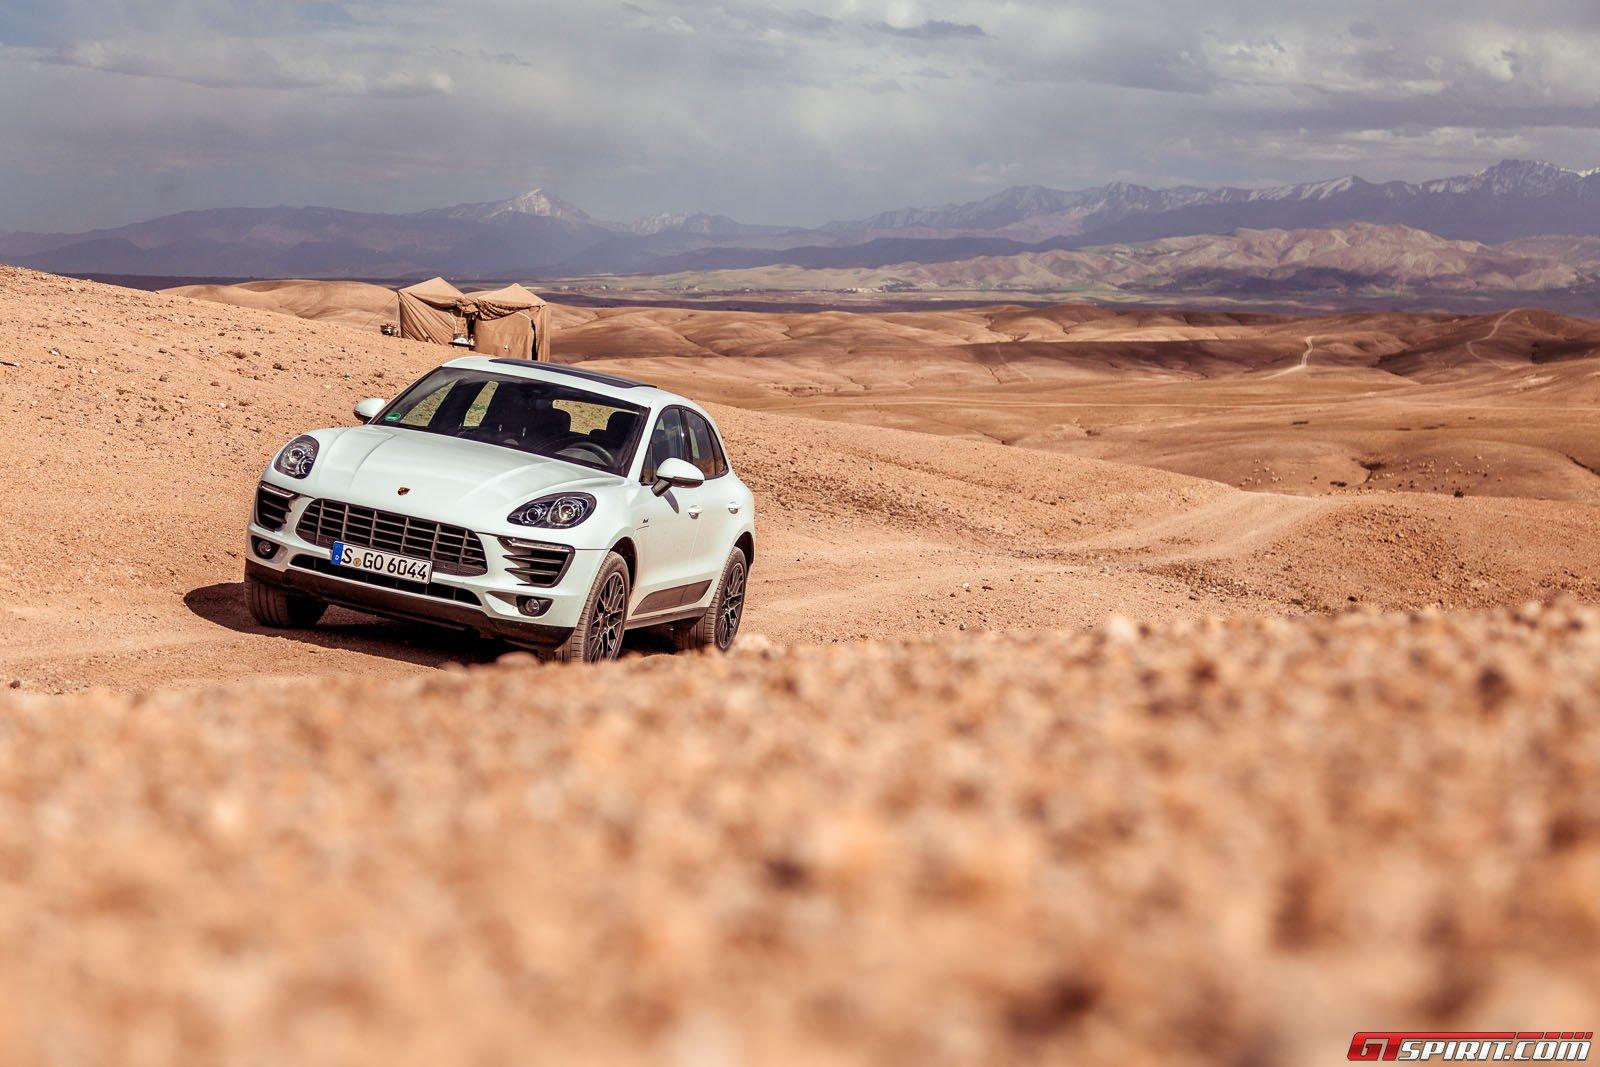 Компактный кроссовер Porsche Macan в Марокко